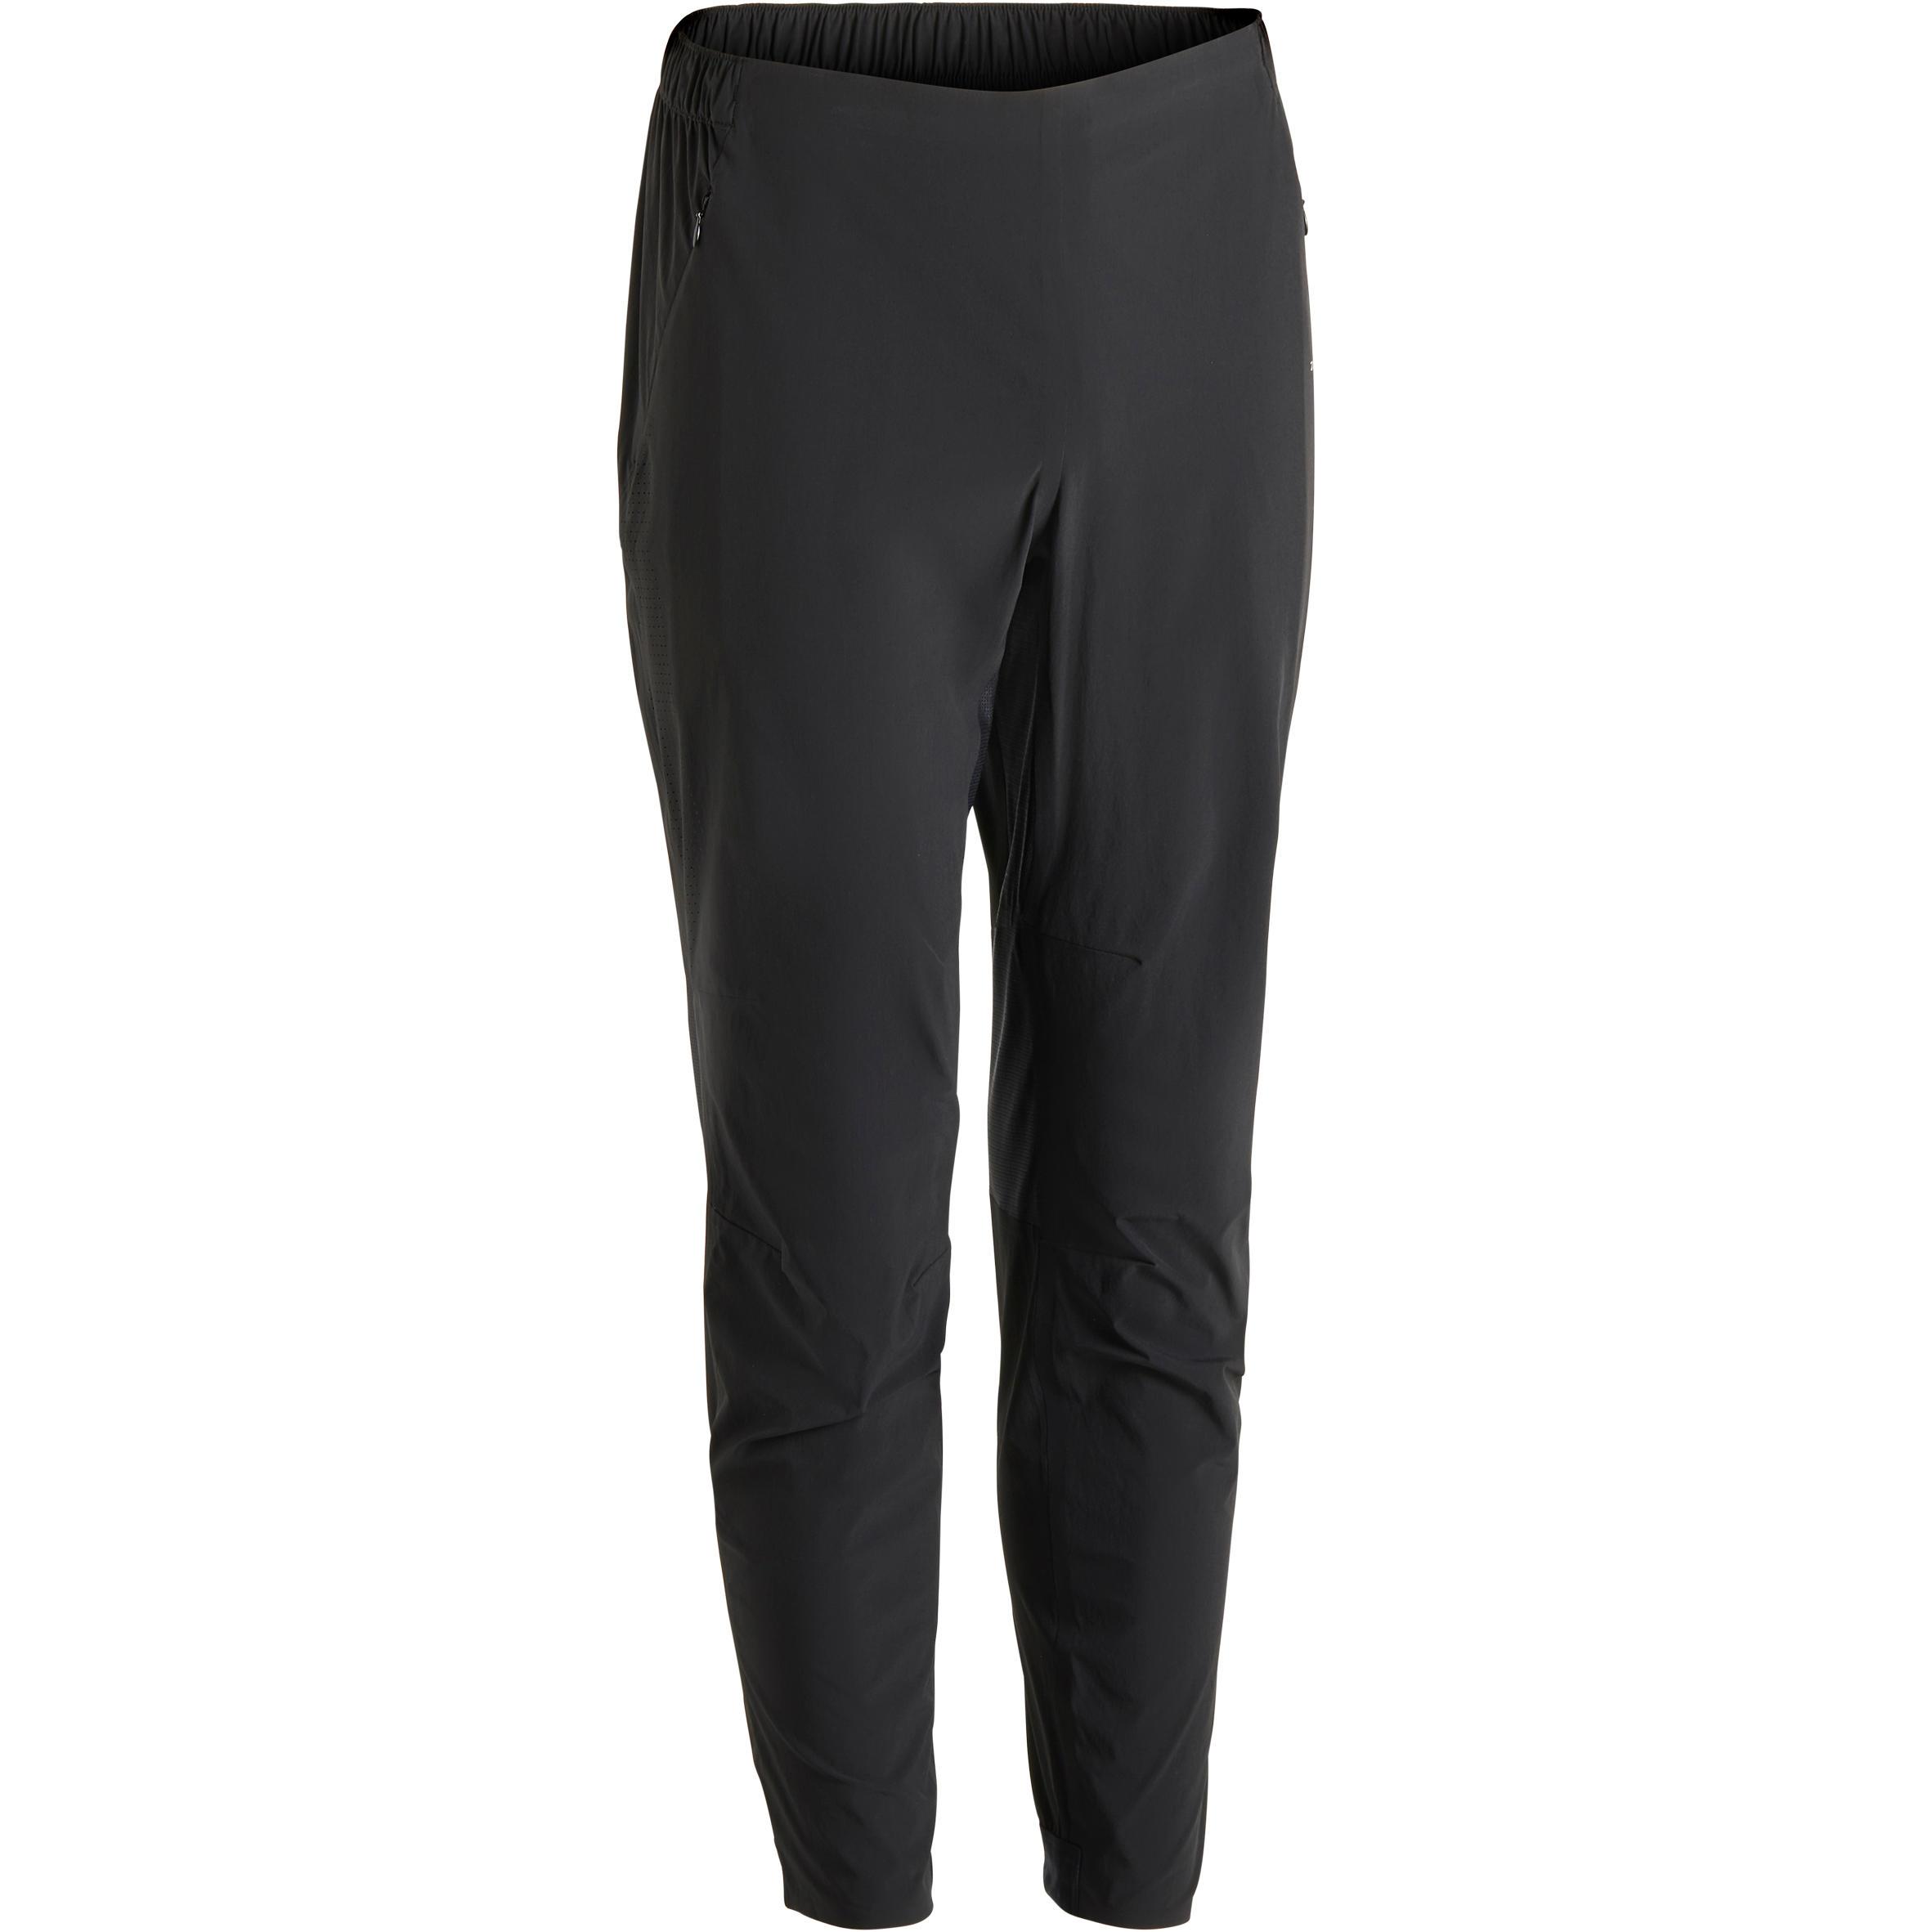 Pantalon entraînement homme noir FPA900